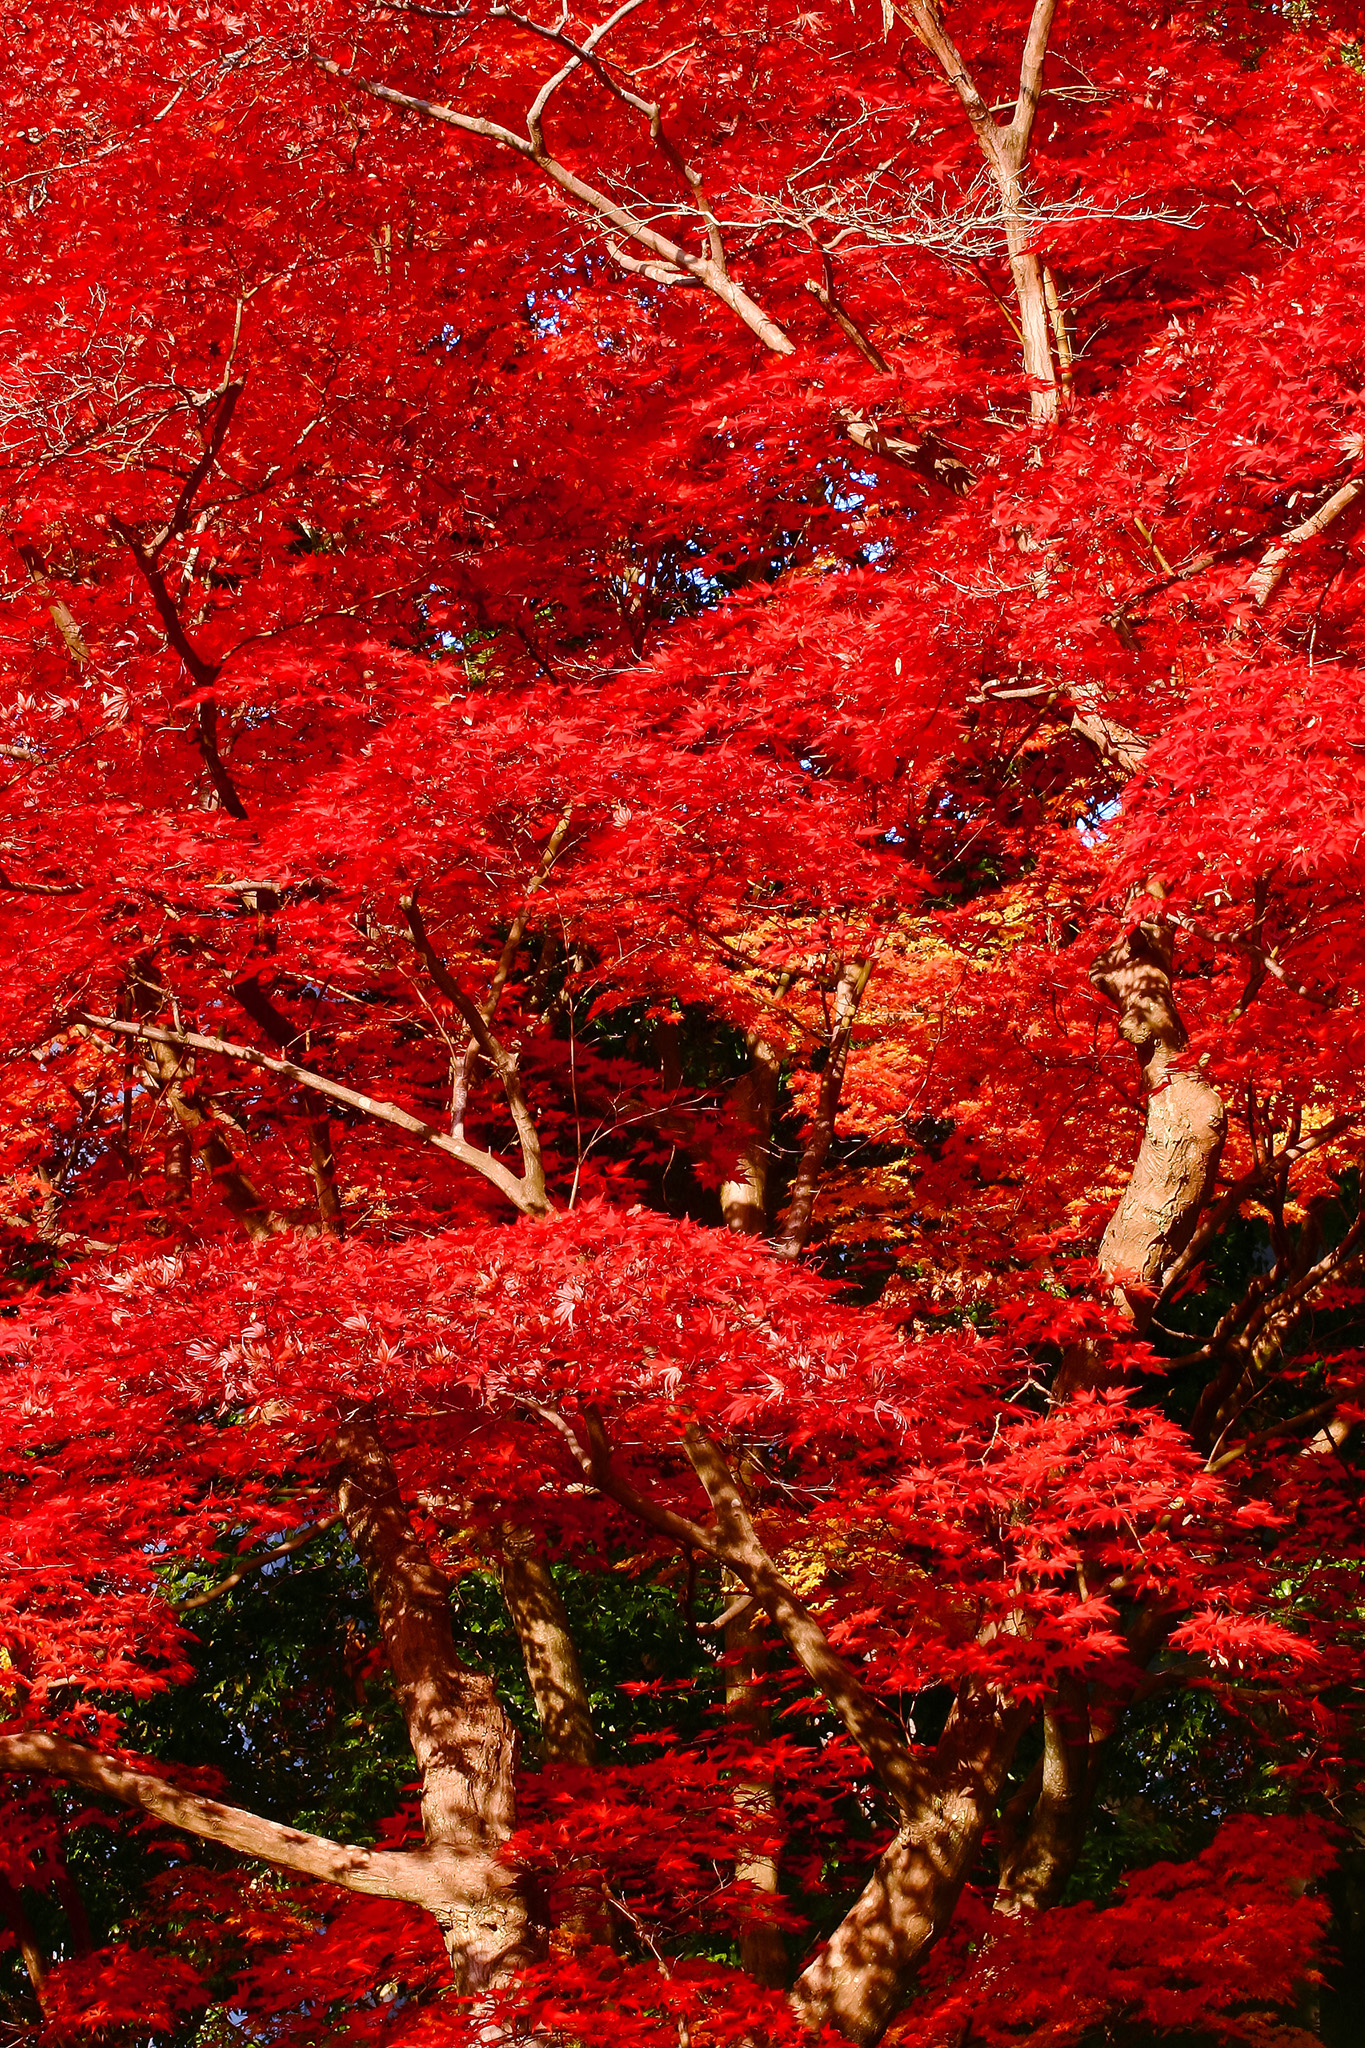 「深紅に染まり紅葉する木」